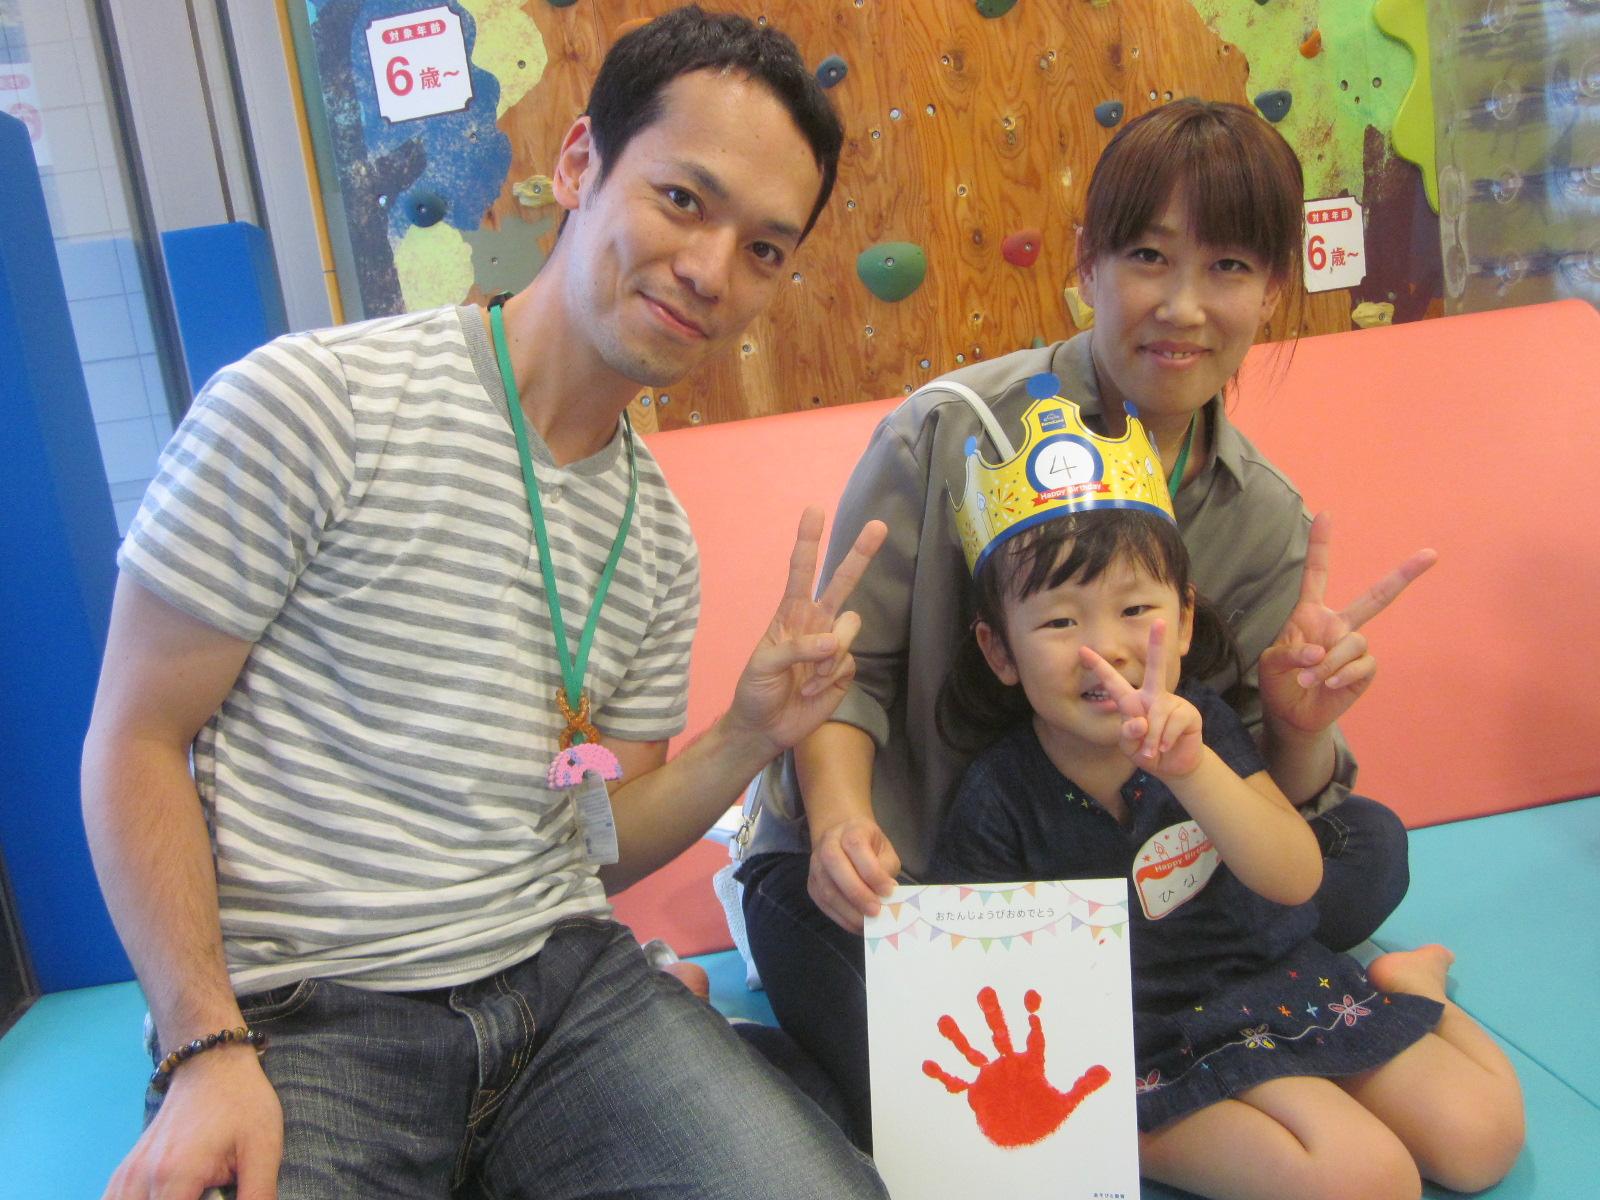 6月お誕生日の子集まれ!「キドキドお誕生日会♪」